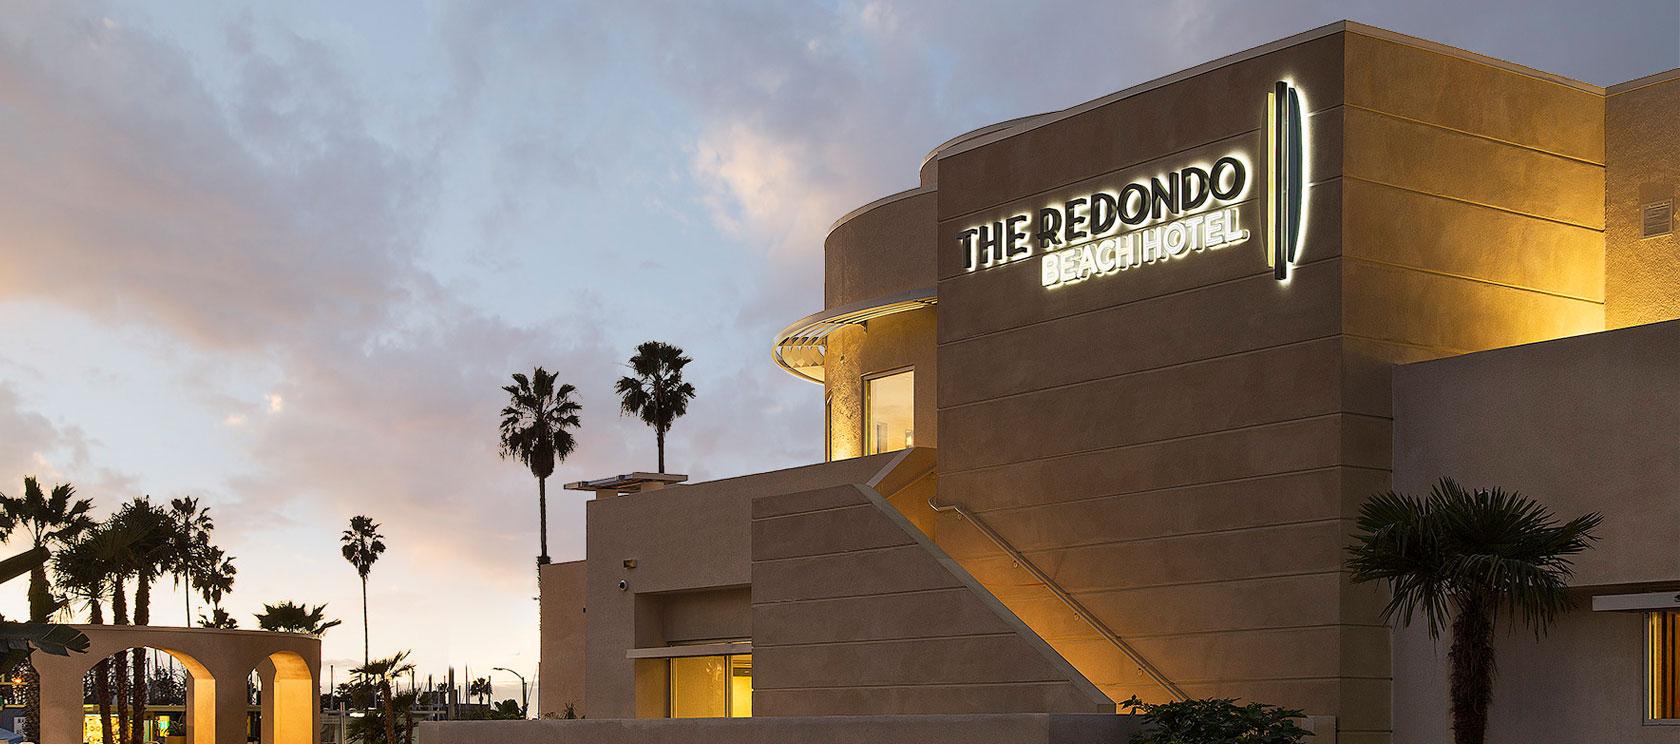 Accommodations Redondo Beach Ca